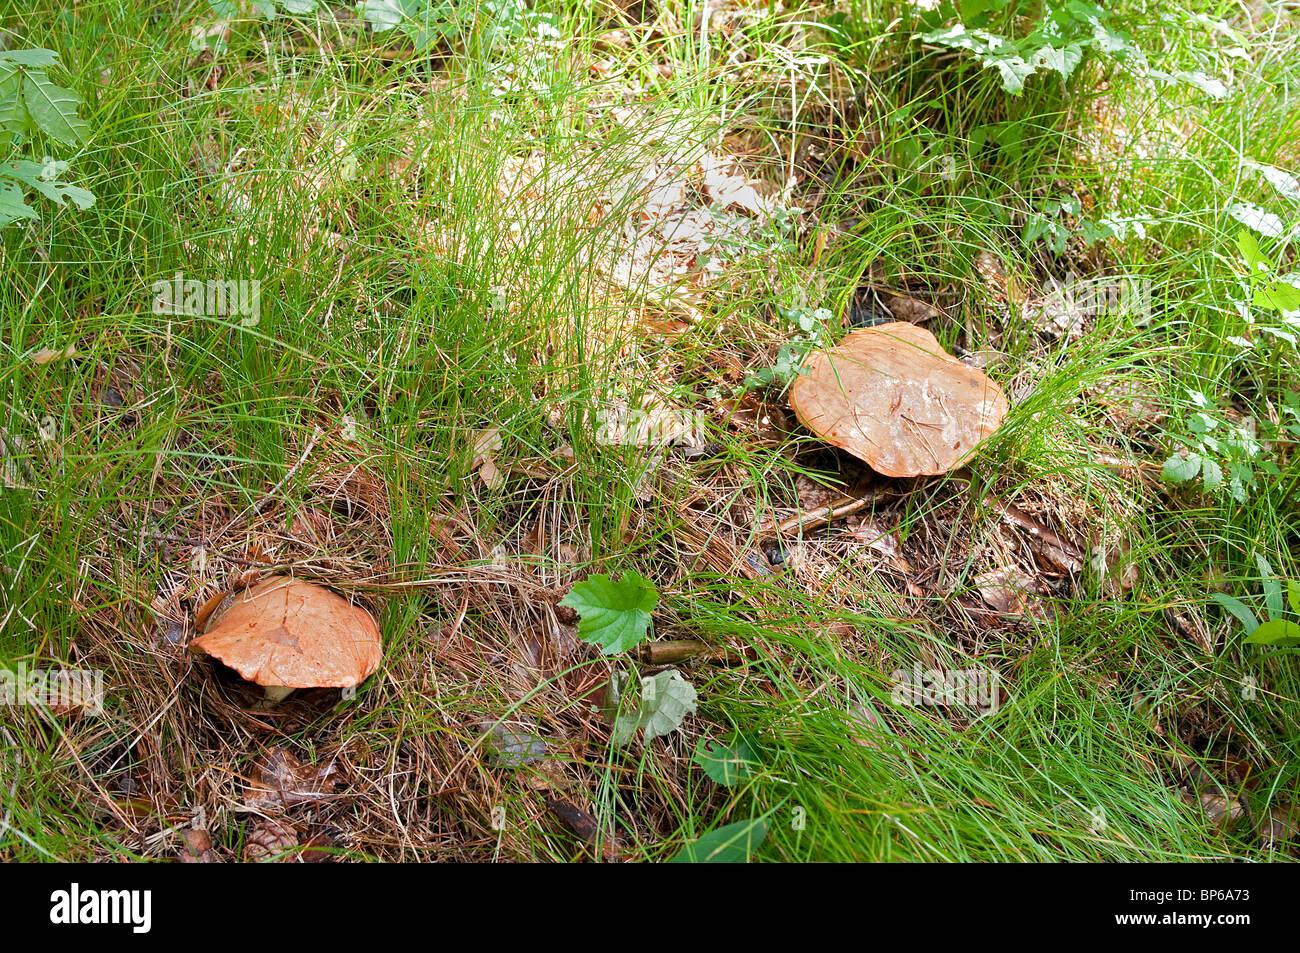 Fungo: SUILLUS GREVILLEI sinonimi: BOLETUS ELEGANS - BOLETUS PULCHELLUS volgarare: BOLETO ELEGANTE Immagini Stock